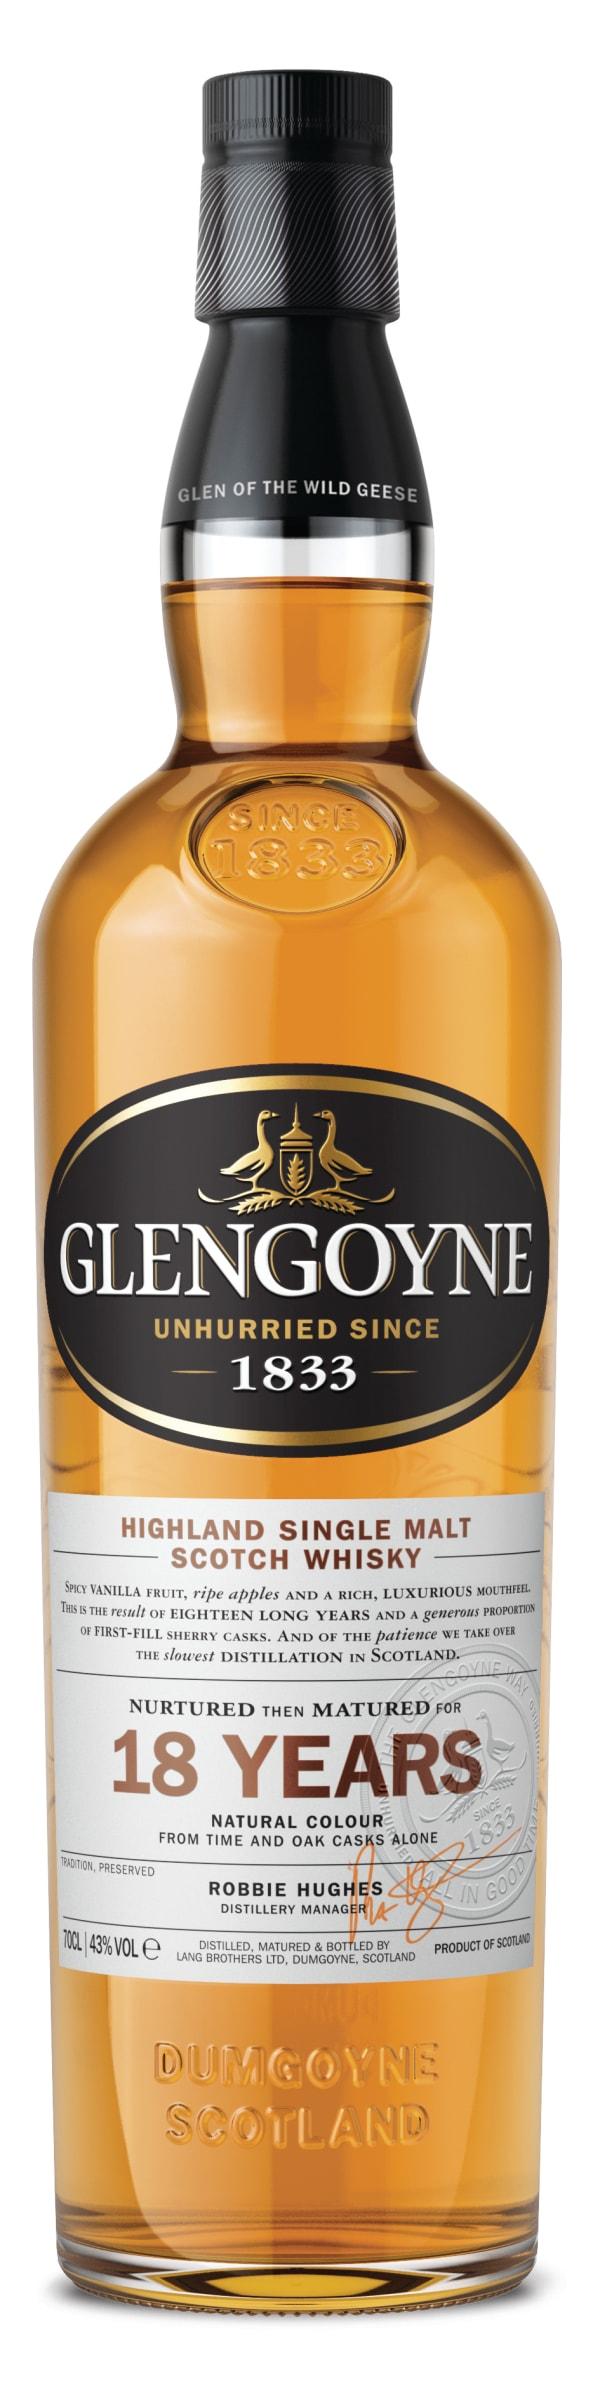 Glengoyne 18 Year Old Single Malt